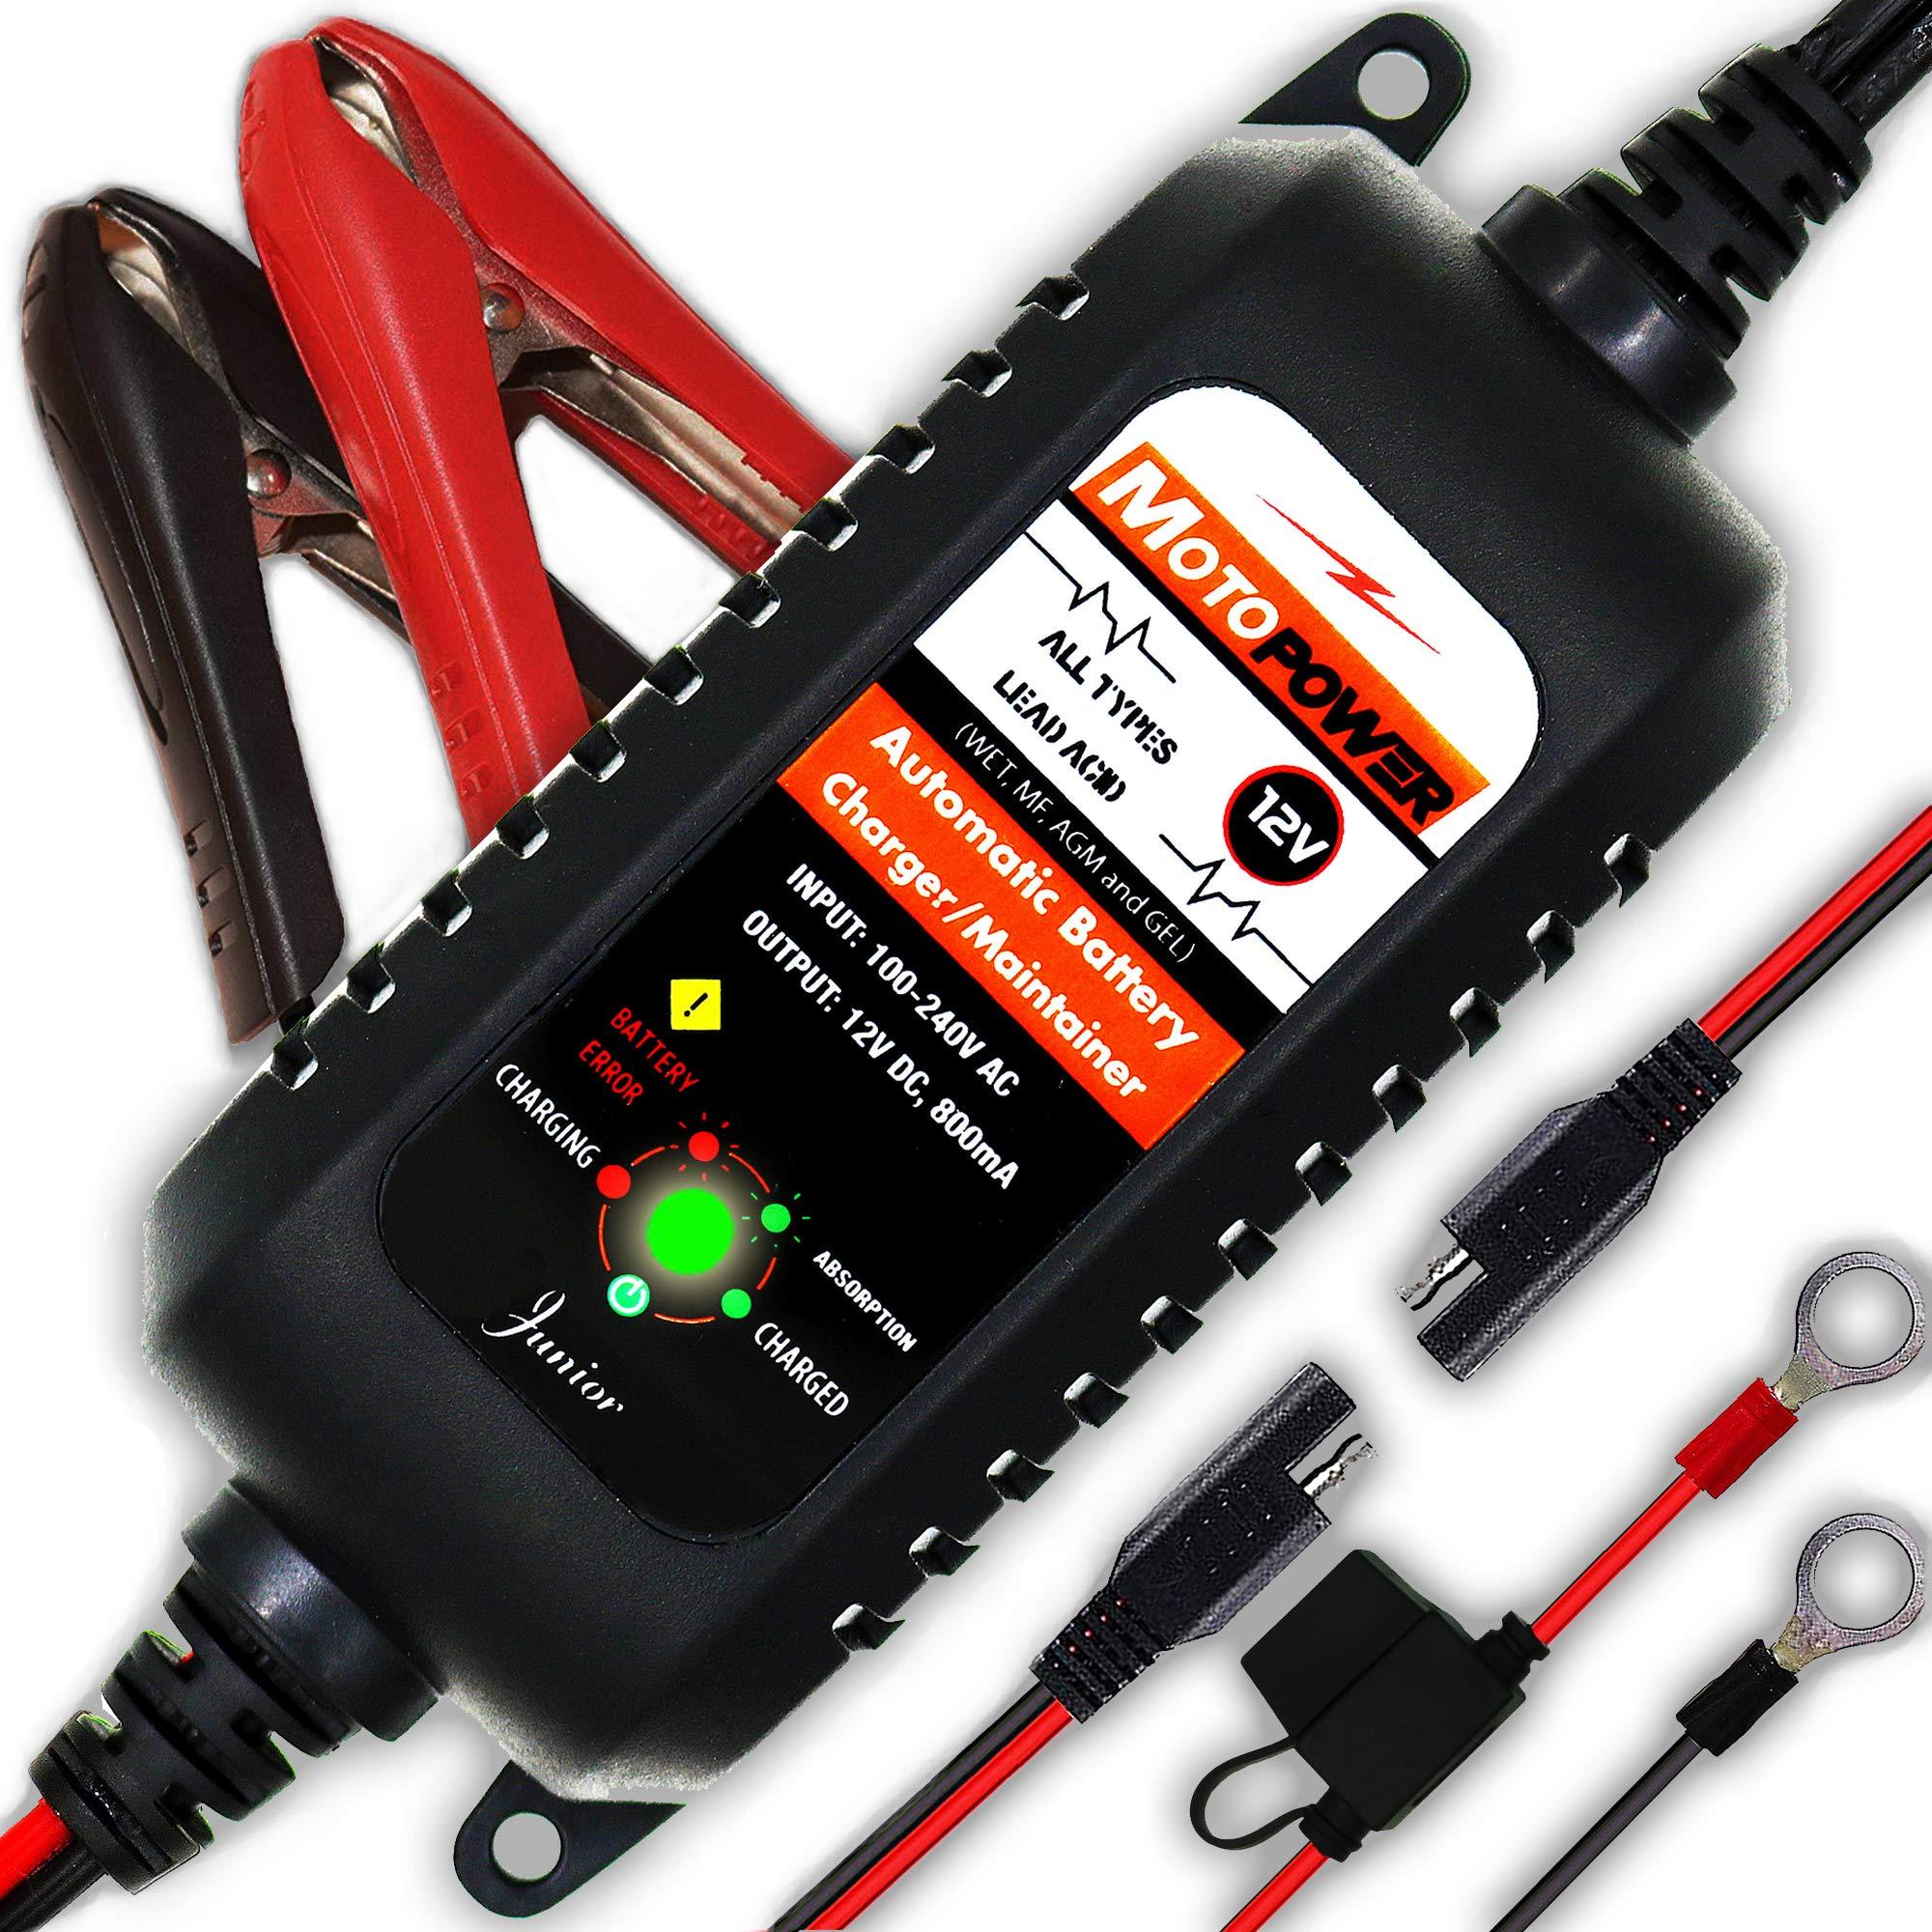 73739318a5d63 Top Chargeurs de batterie pour moto selon les notes Amazon.fr